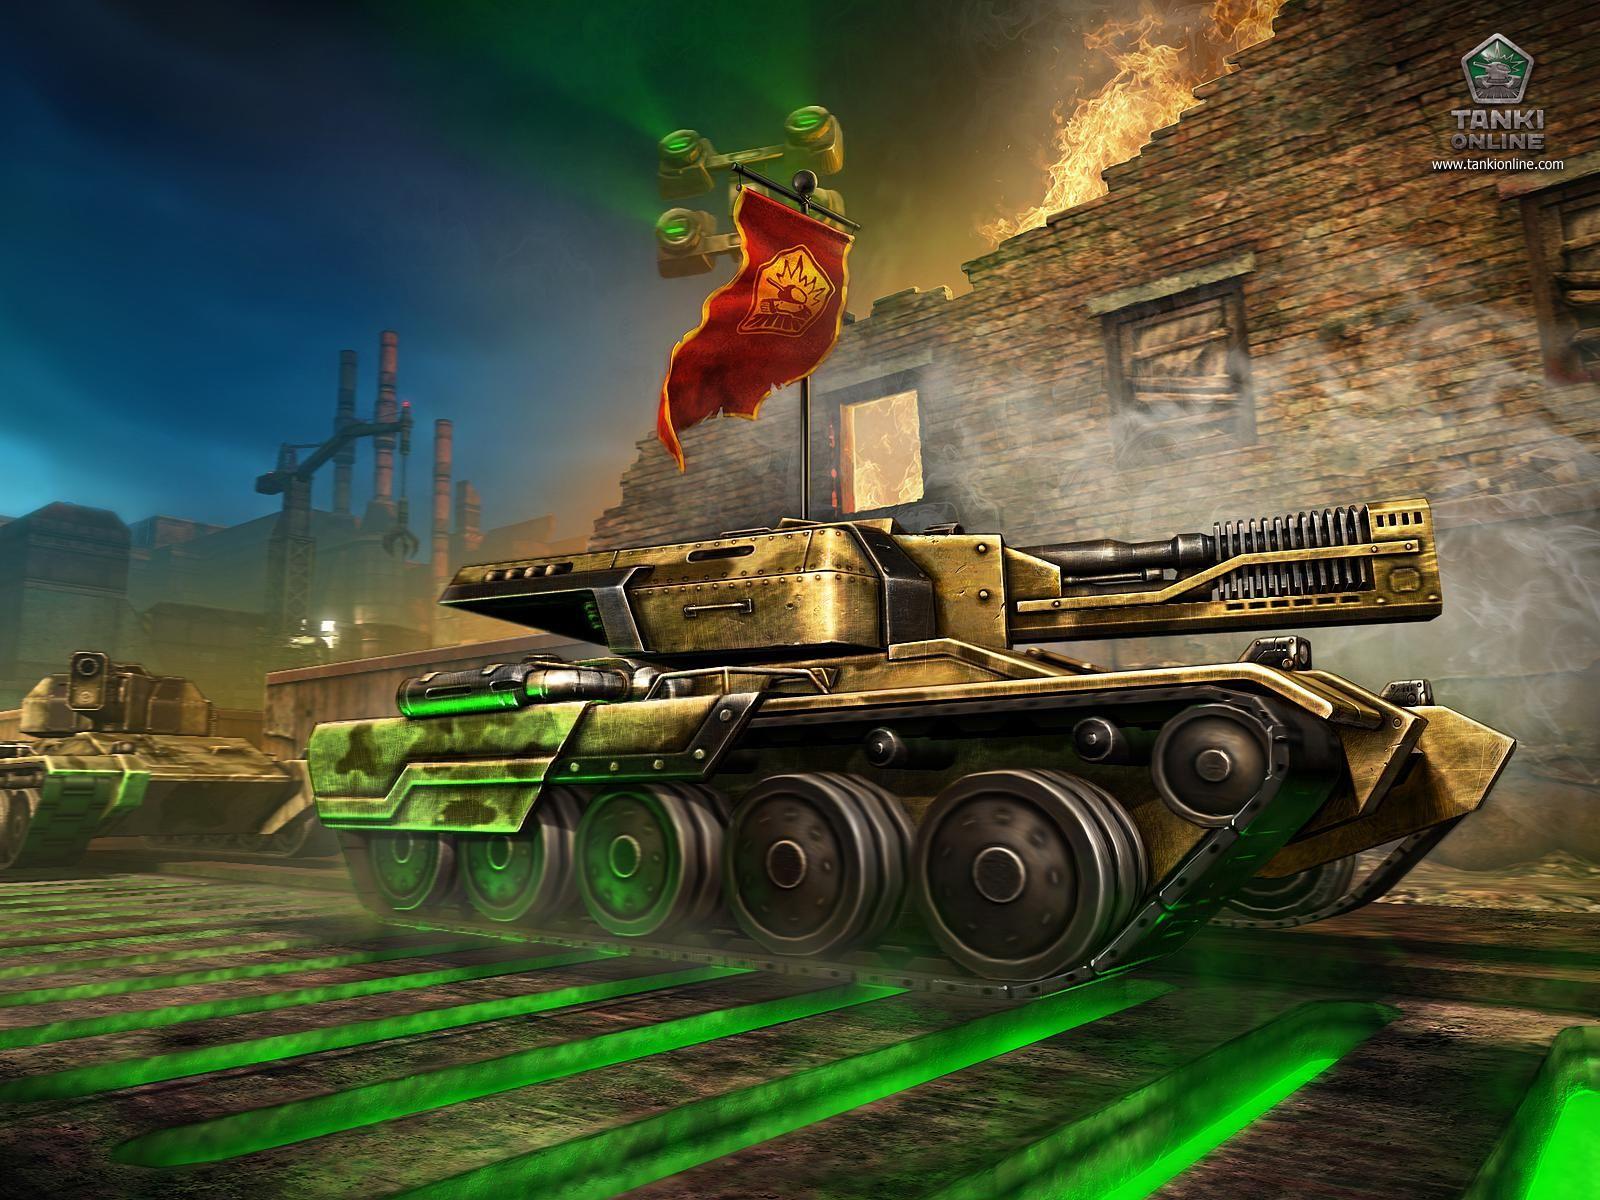 Juega En Linea Tanki Online Un Juego Mmo Fantastico Y Super Divertido Juega En Https Www Juegoskids Com Juegos Tanki Juegos Online Juegos Super Divertido